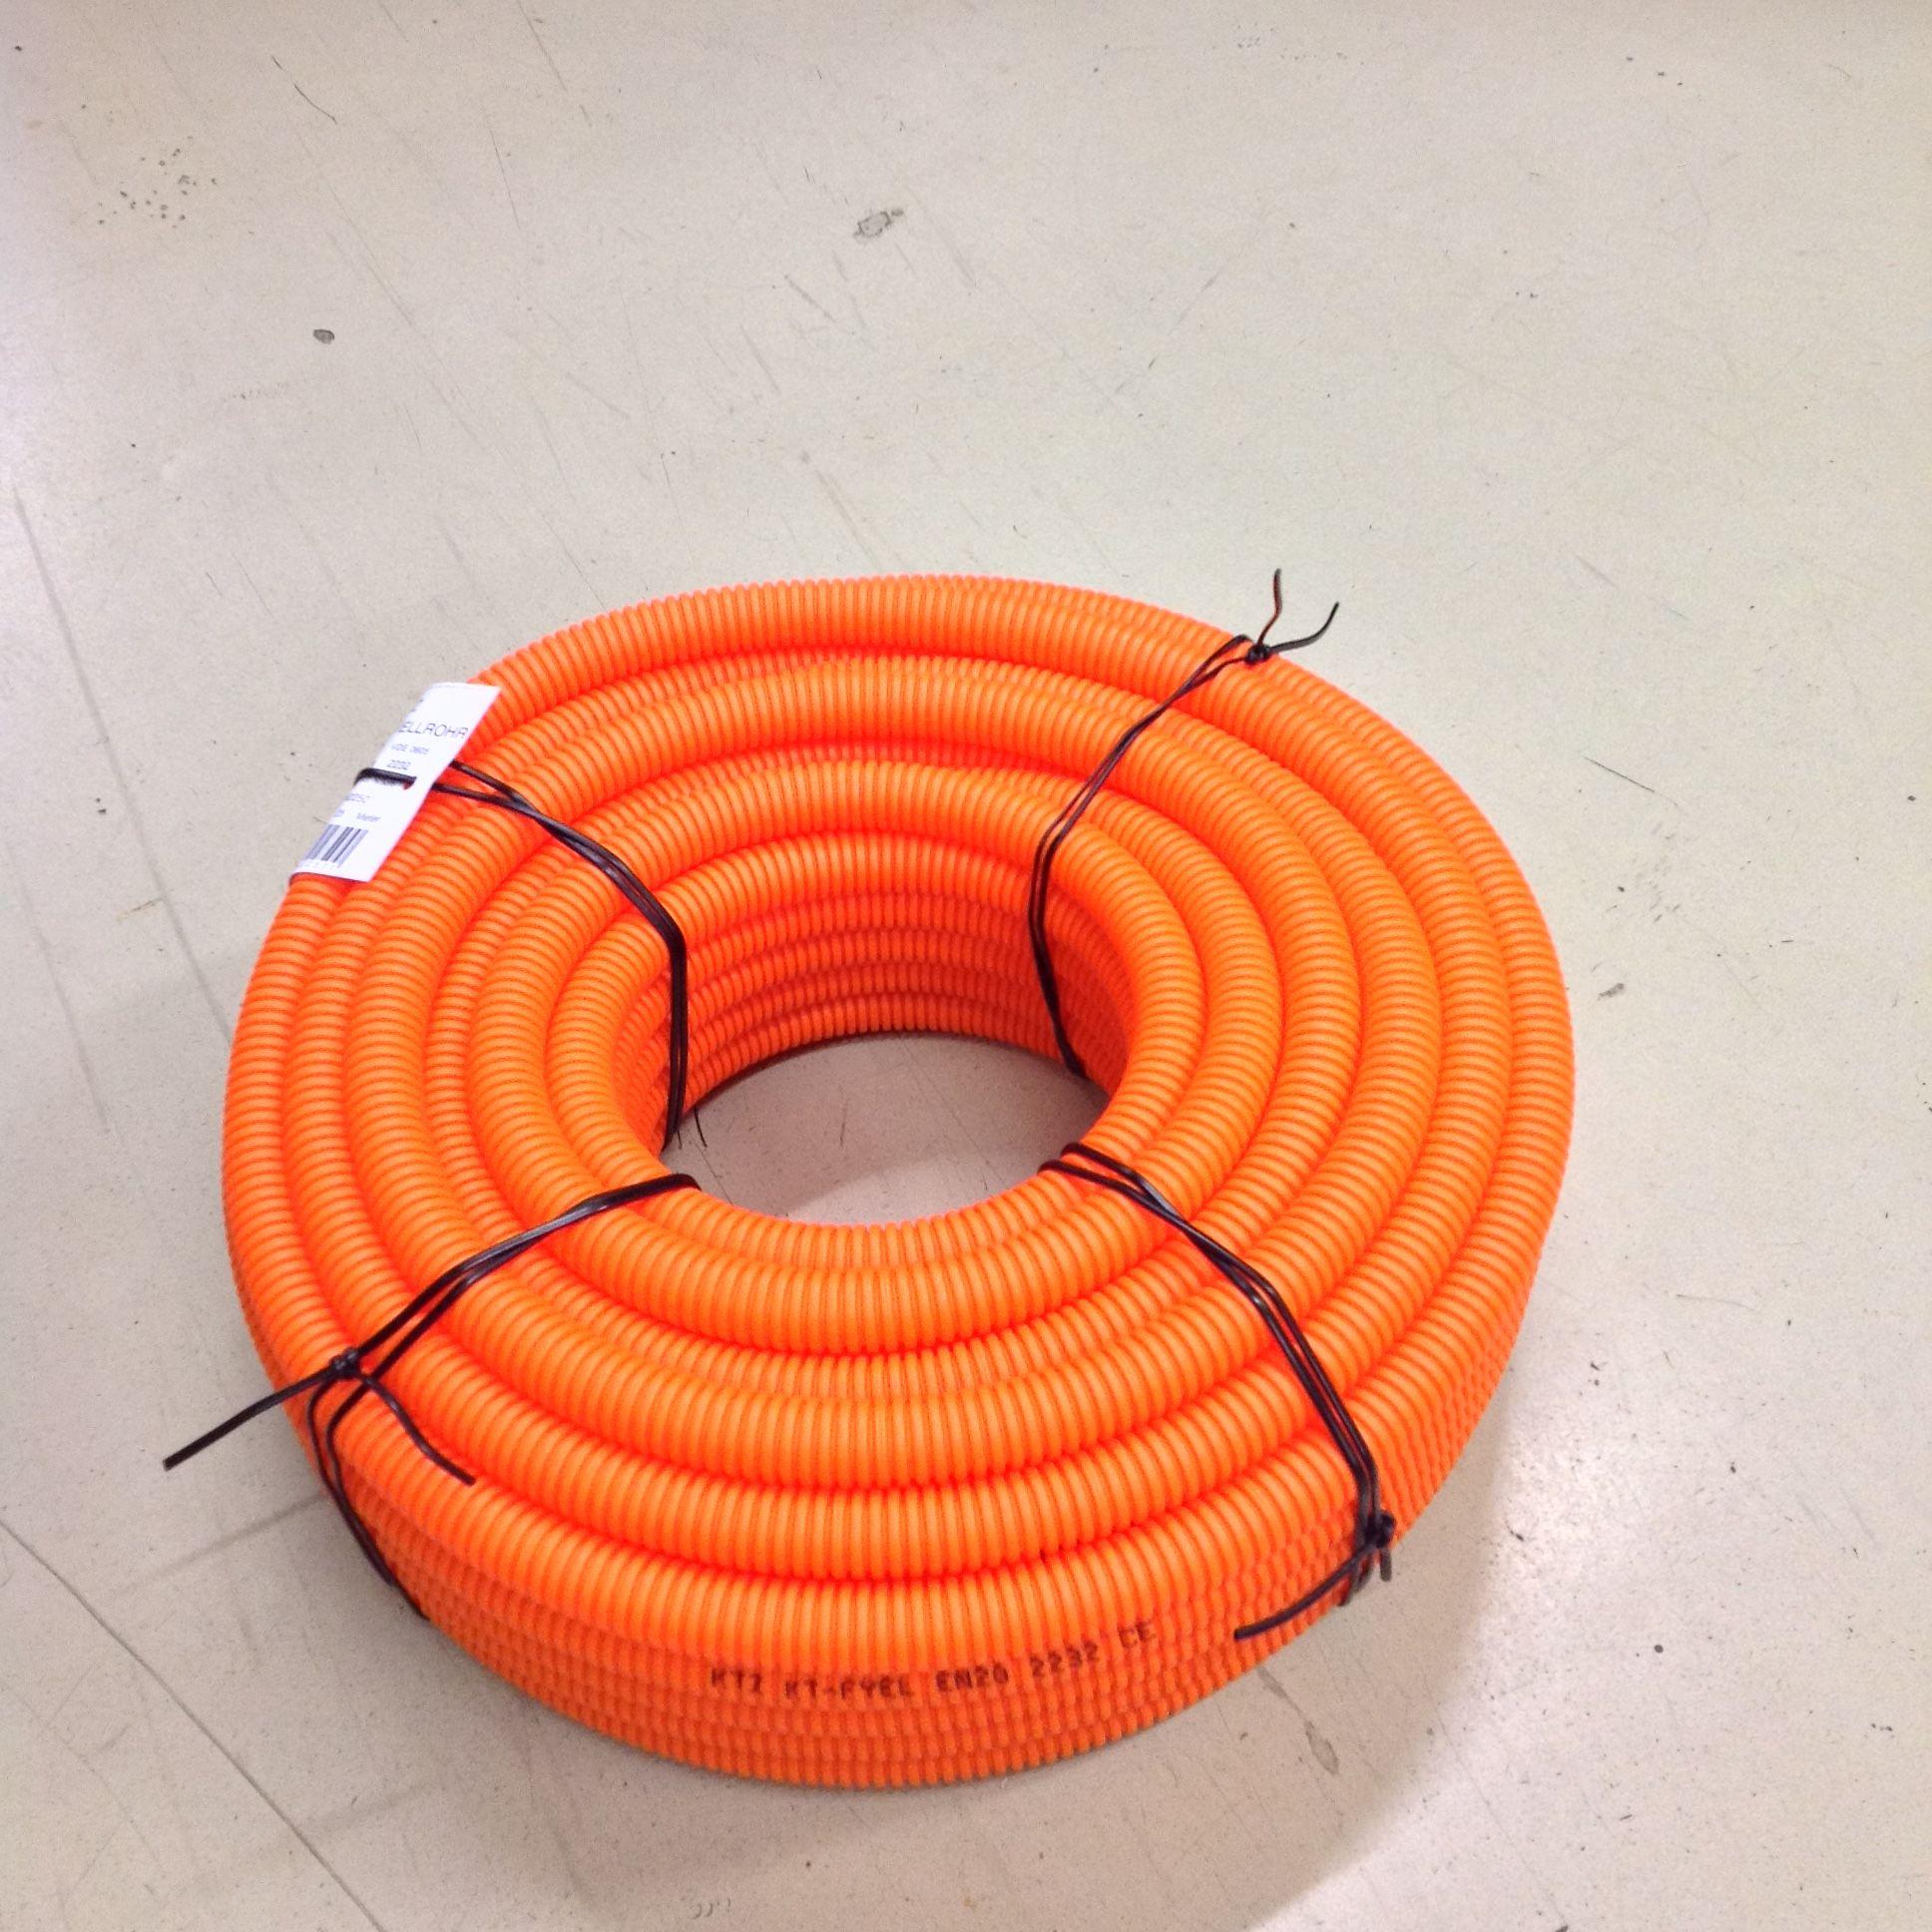 Gaine Electrique Exterieur Apparente gaine flexible pour cable